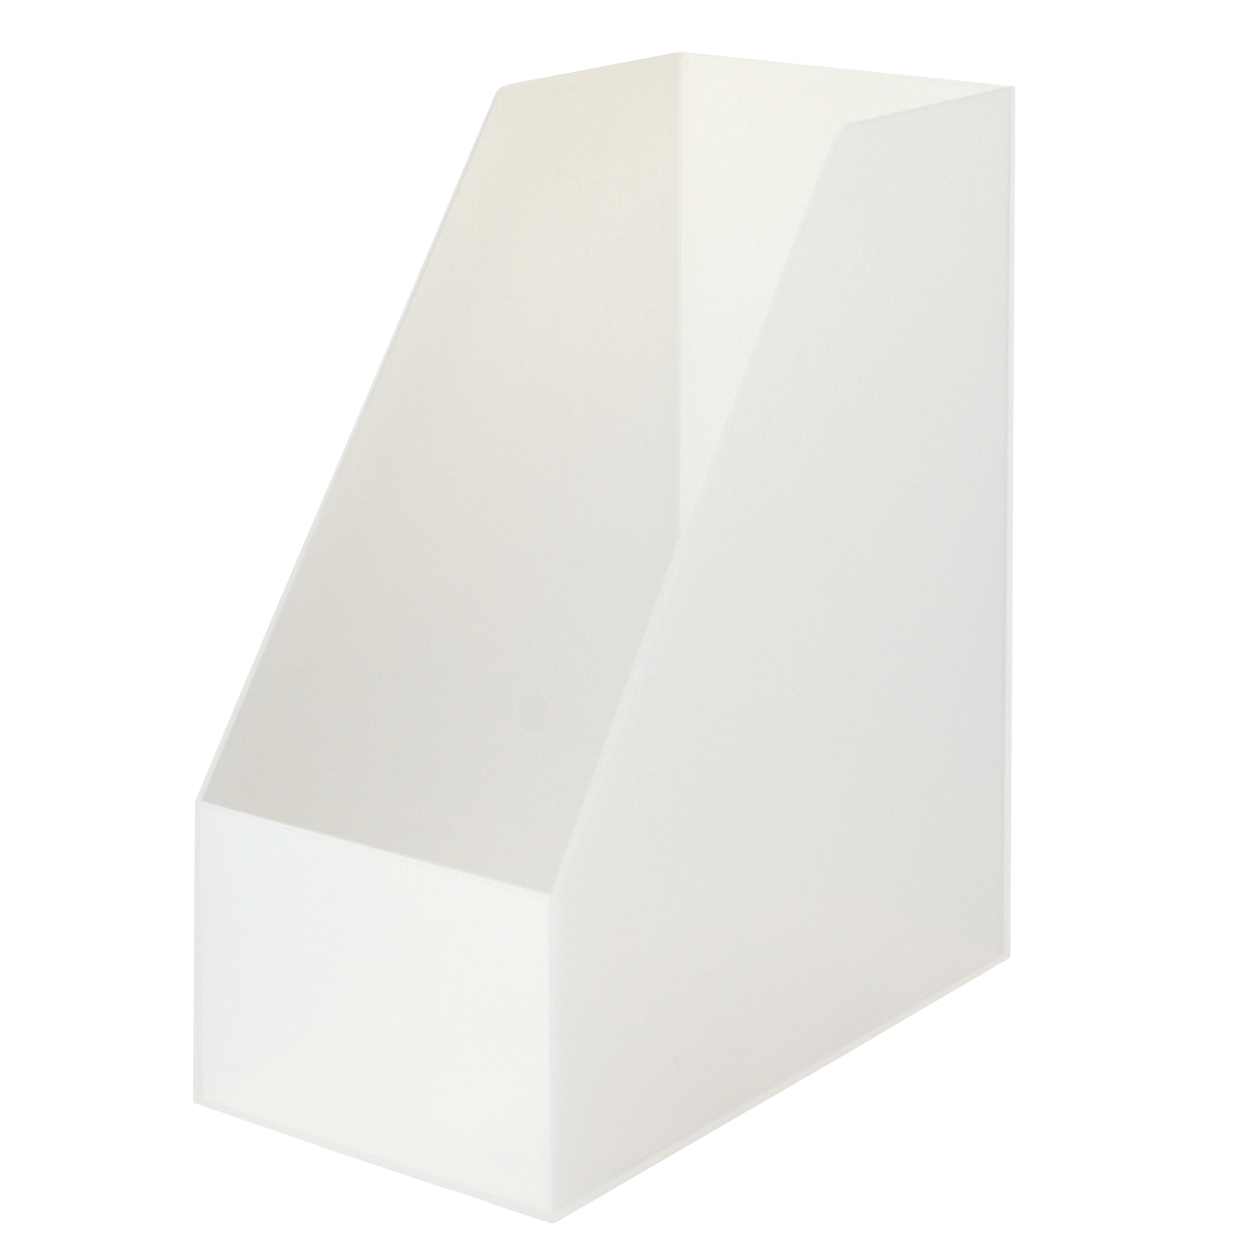 【まとめ買い】ポリプロピレンスタンドファイルボックス・ワイド・A4用